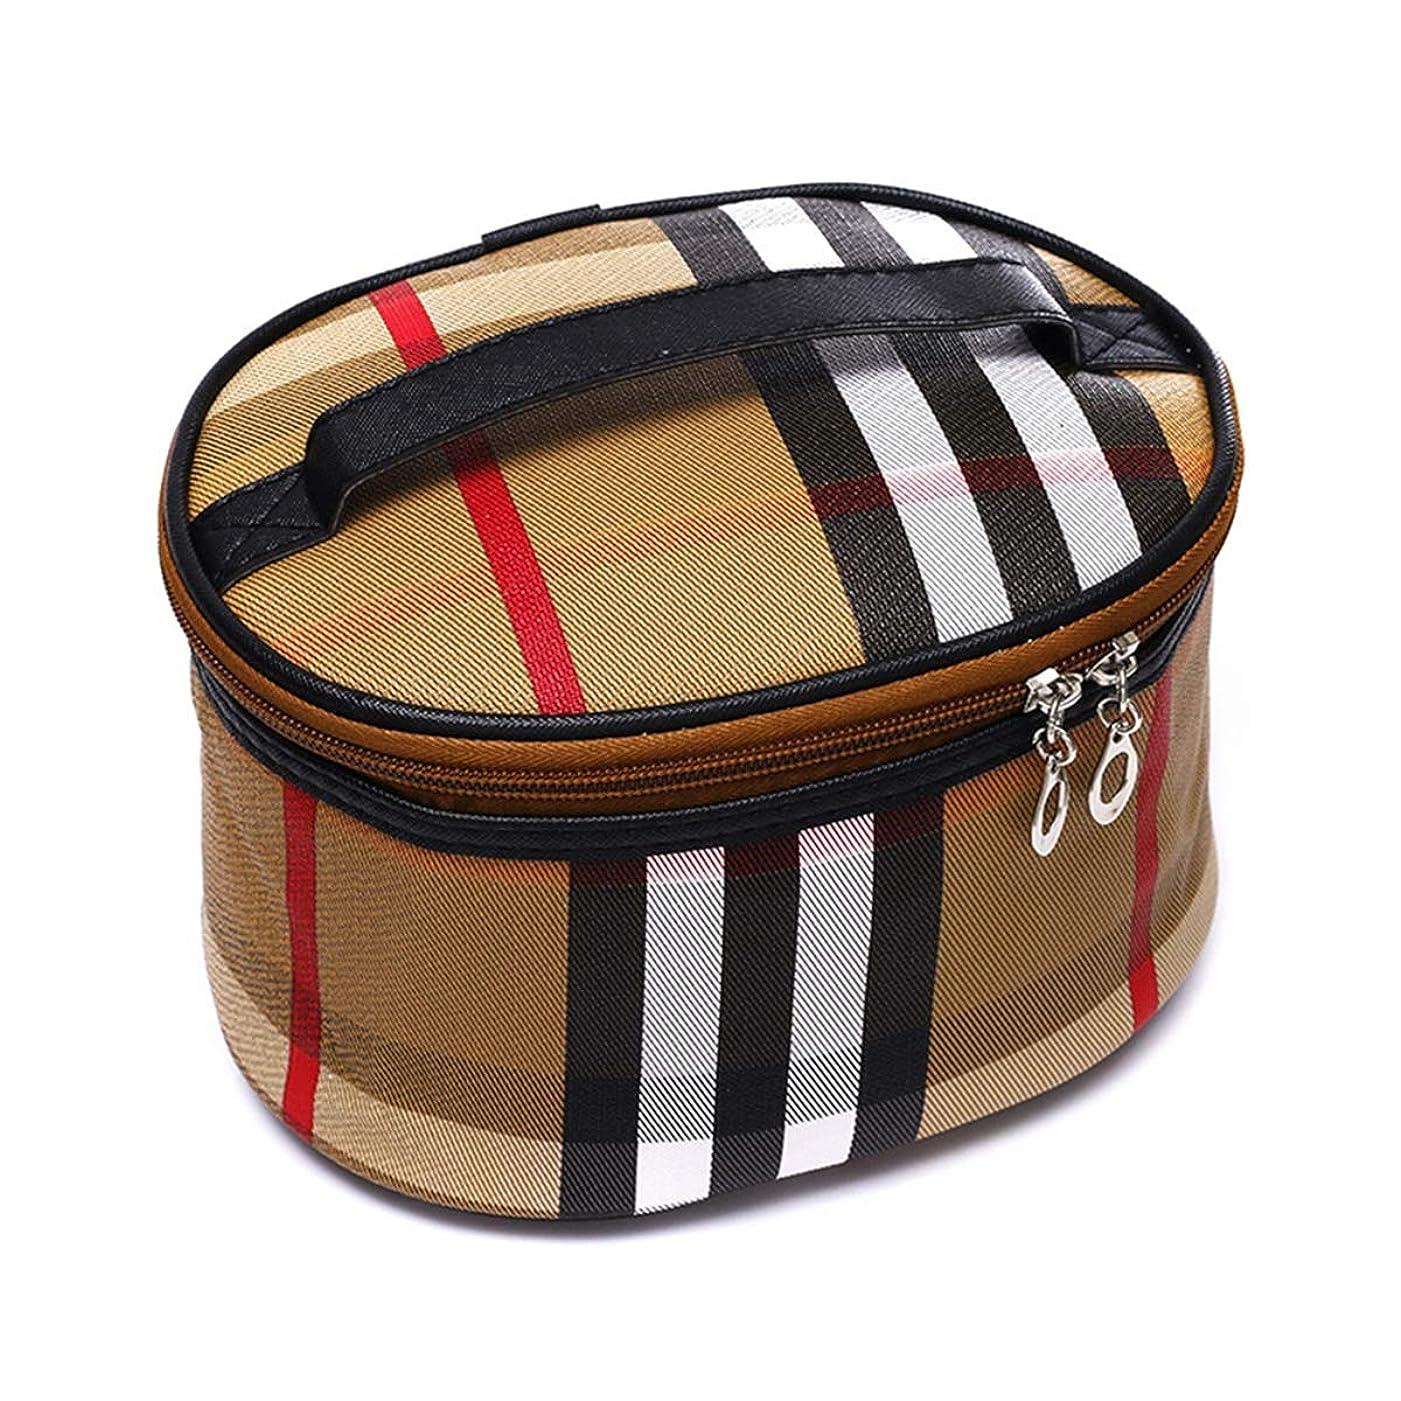 チャーターキャプチャー記念碑化粧品袋、化粧品収納、10代の少女の女性のための大きい旅行ハンドルの個人化された袋,khaki,20*13*11cm